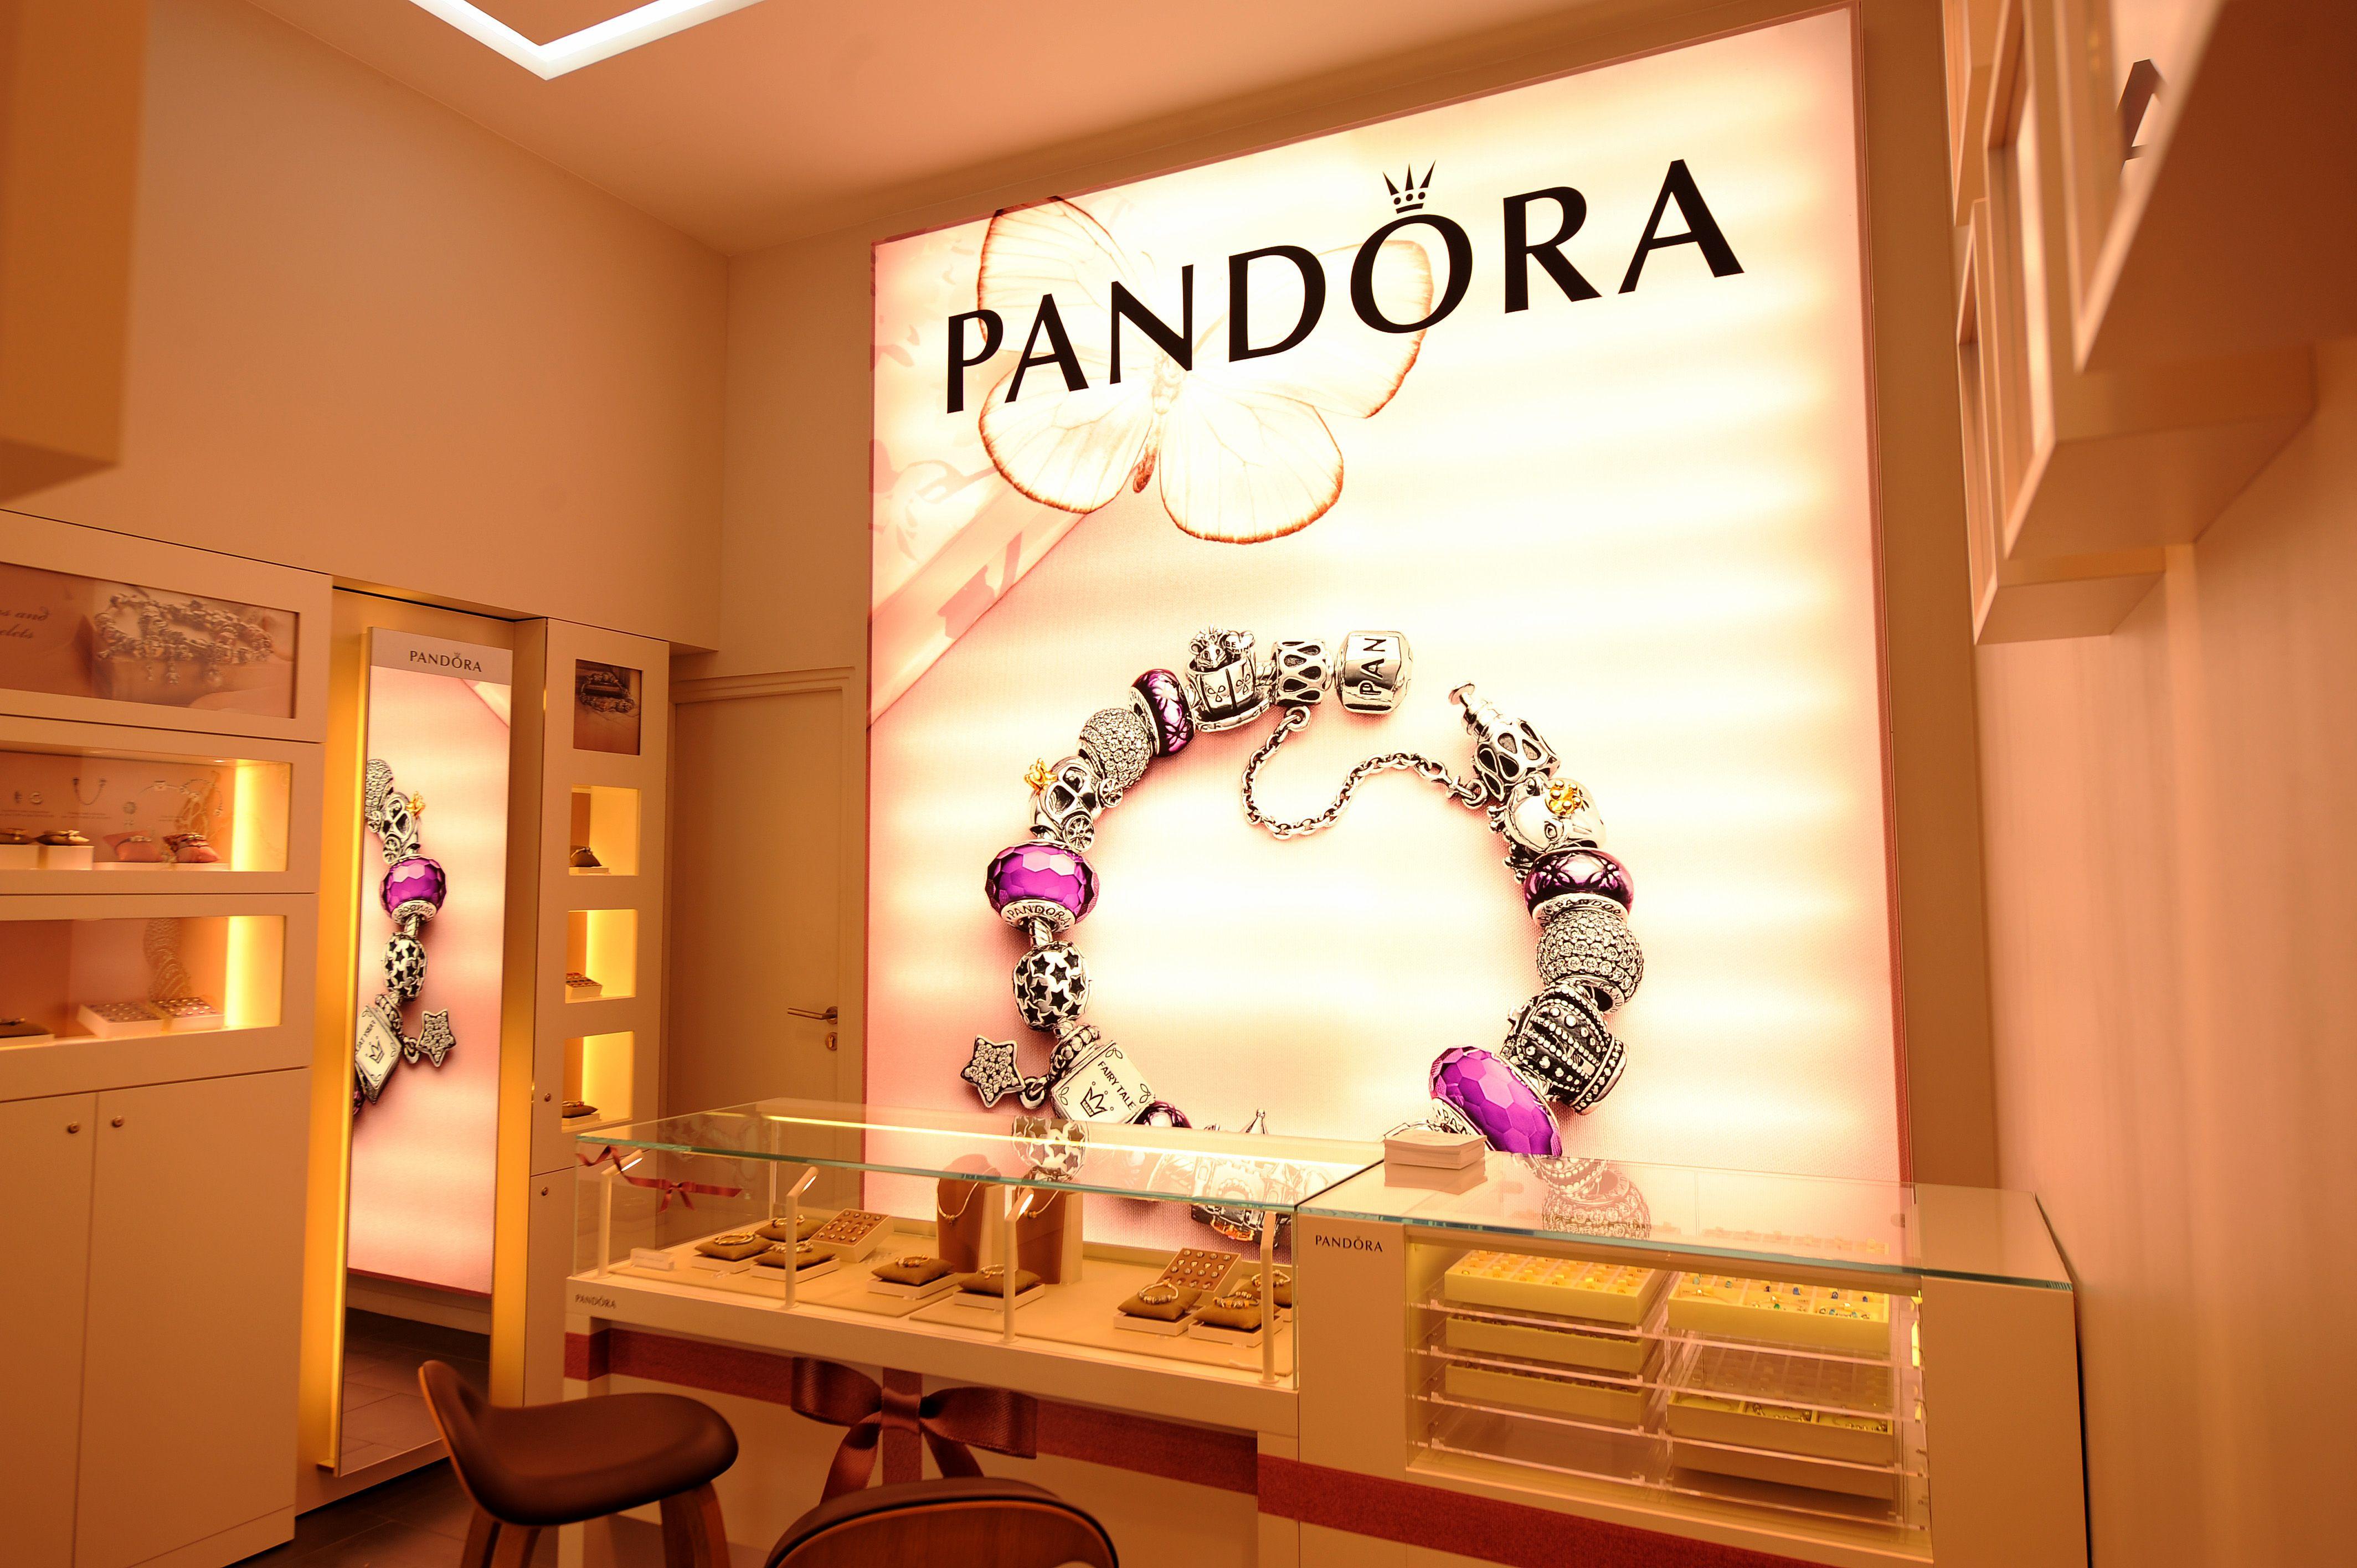 Pandora store à Lyon   Soufeel, Home decor decals, Decor